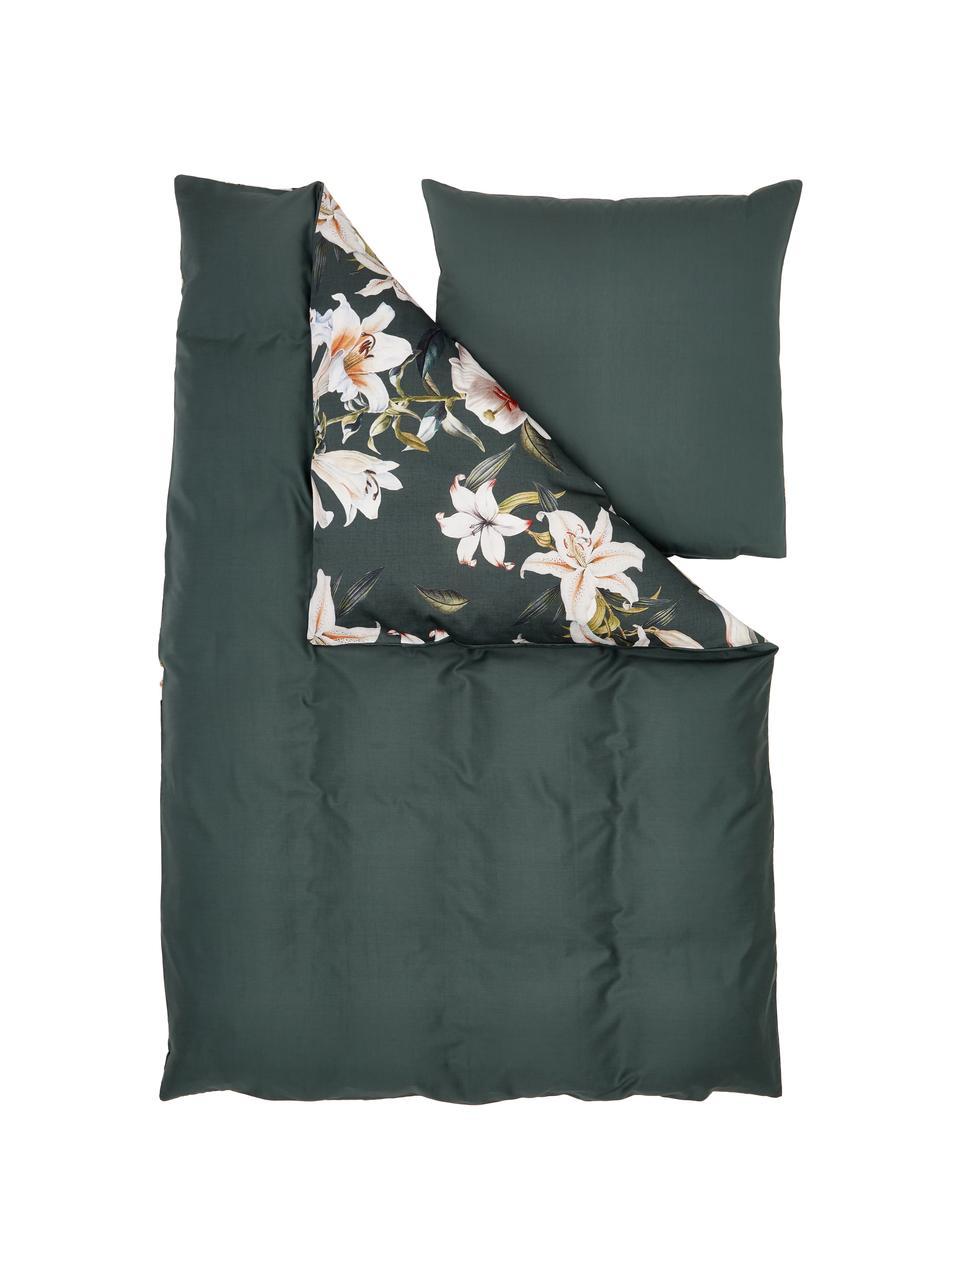 Pościel z satyny bawełnianej Flori, Przód: zielony, kremowobiały Tył: zielony, 240 x 220 cm + 2 poduszki 80 x 80 cm